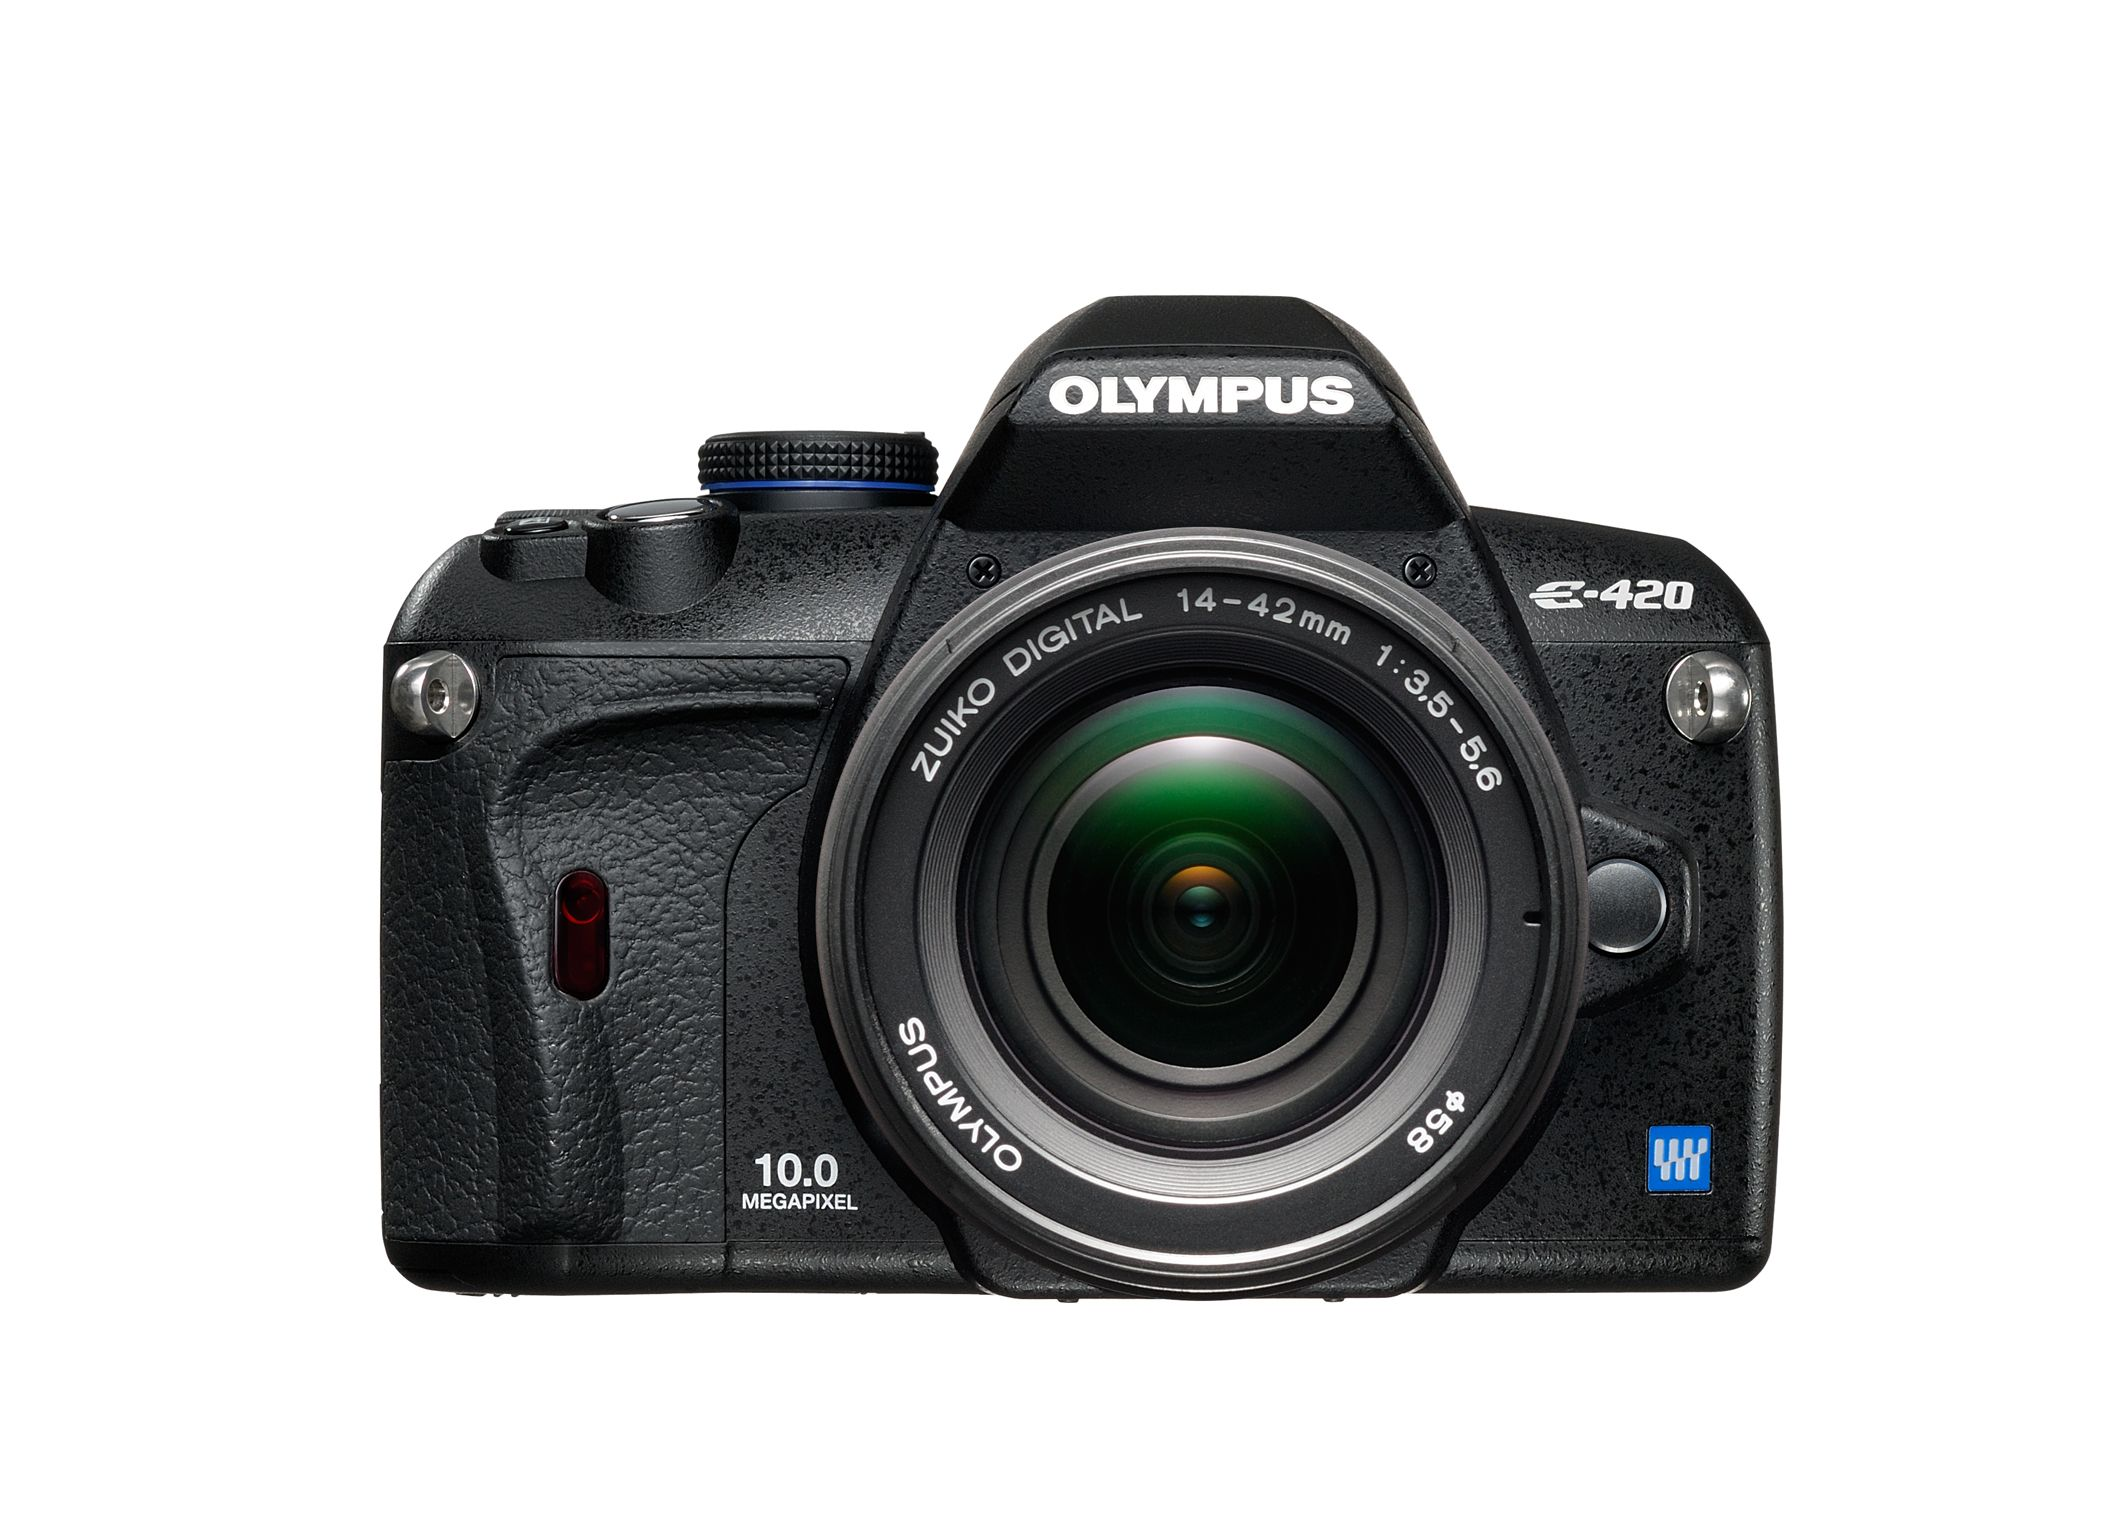 Olympus E-420 med 14-42 mm